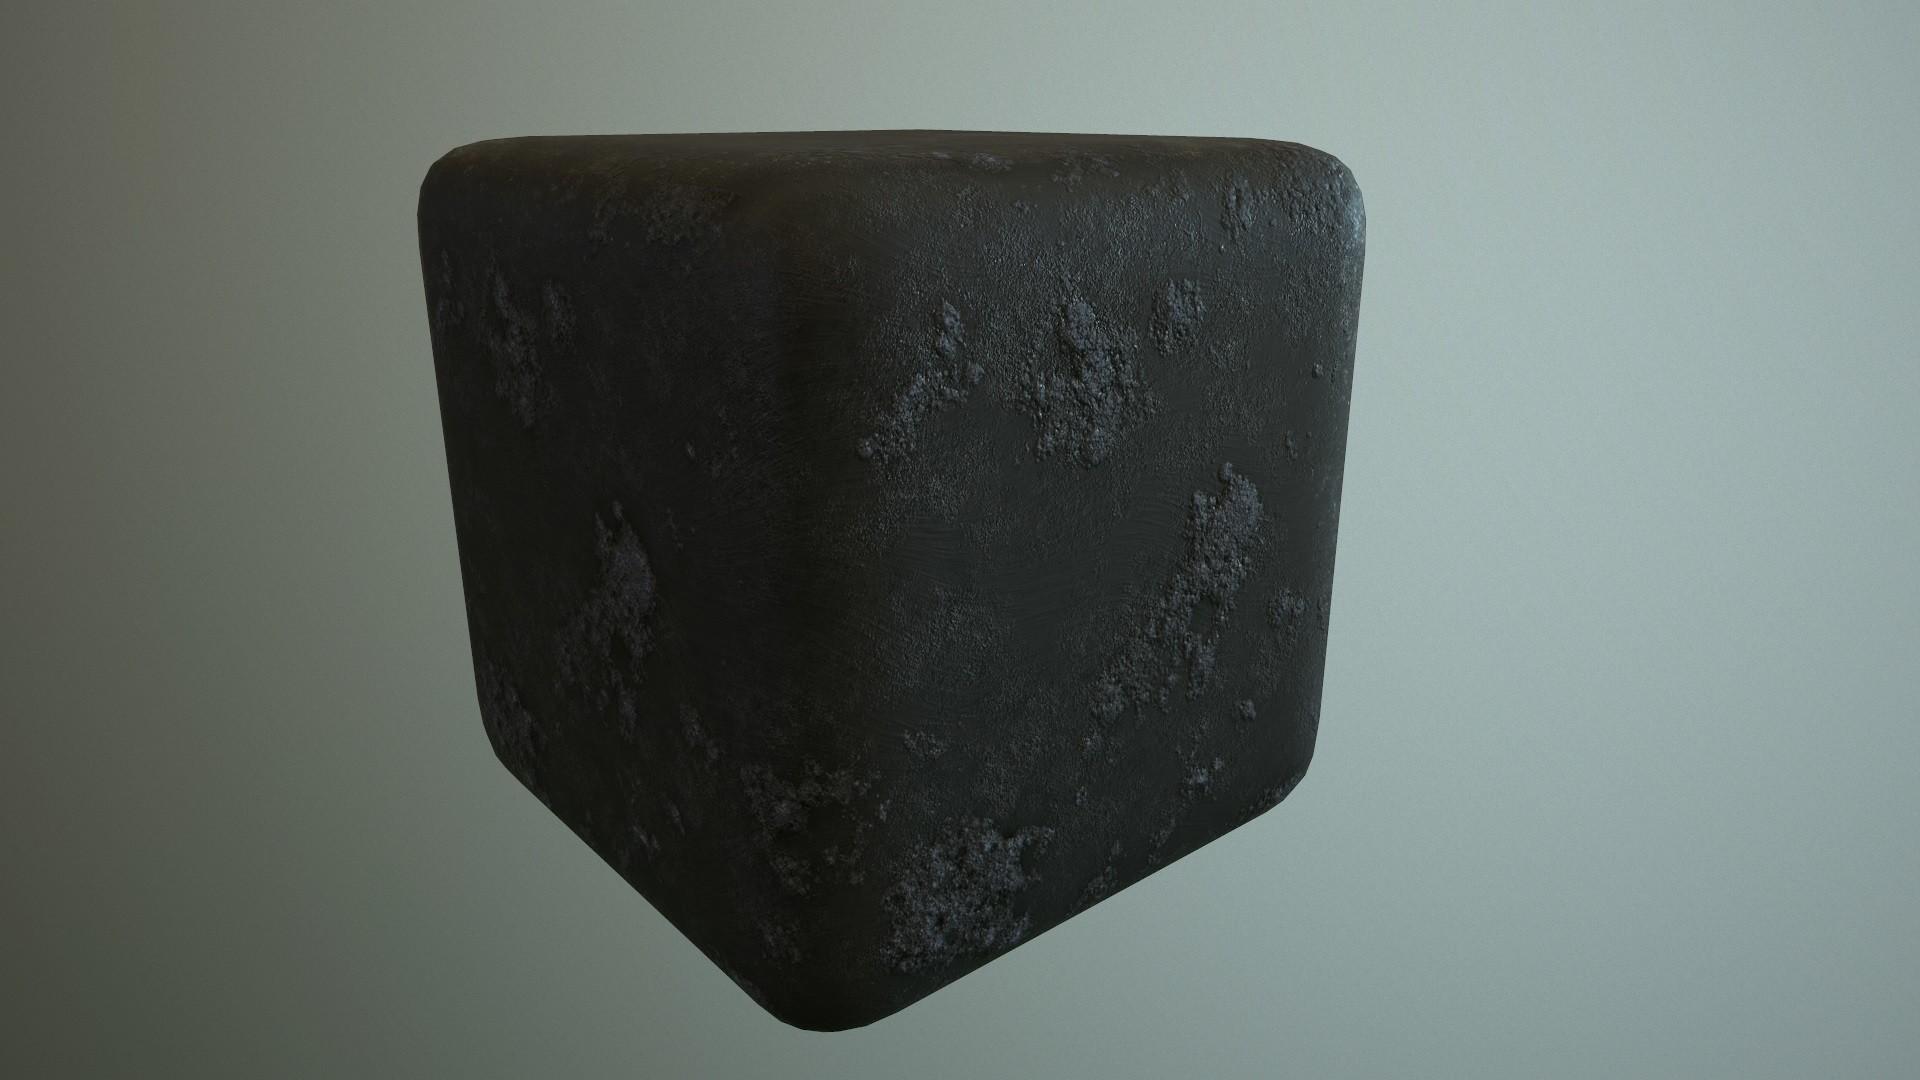 Philipp schmidt concrete